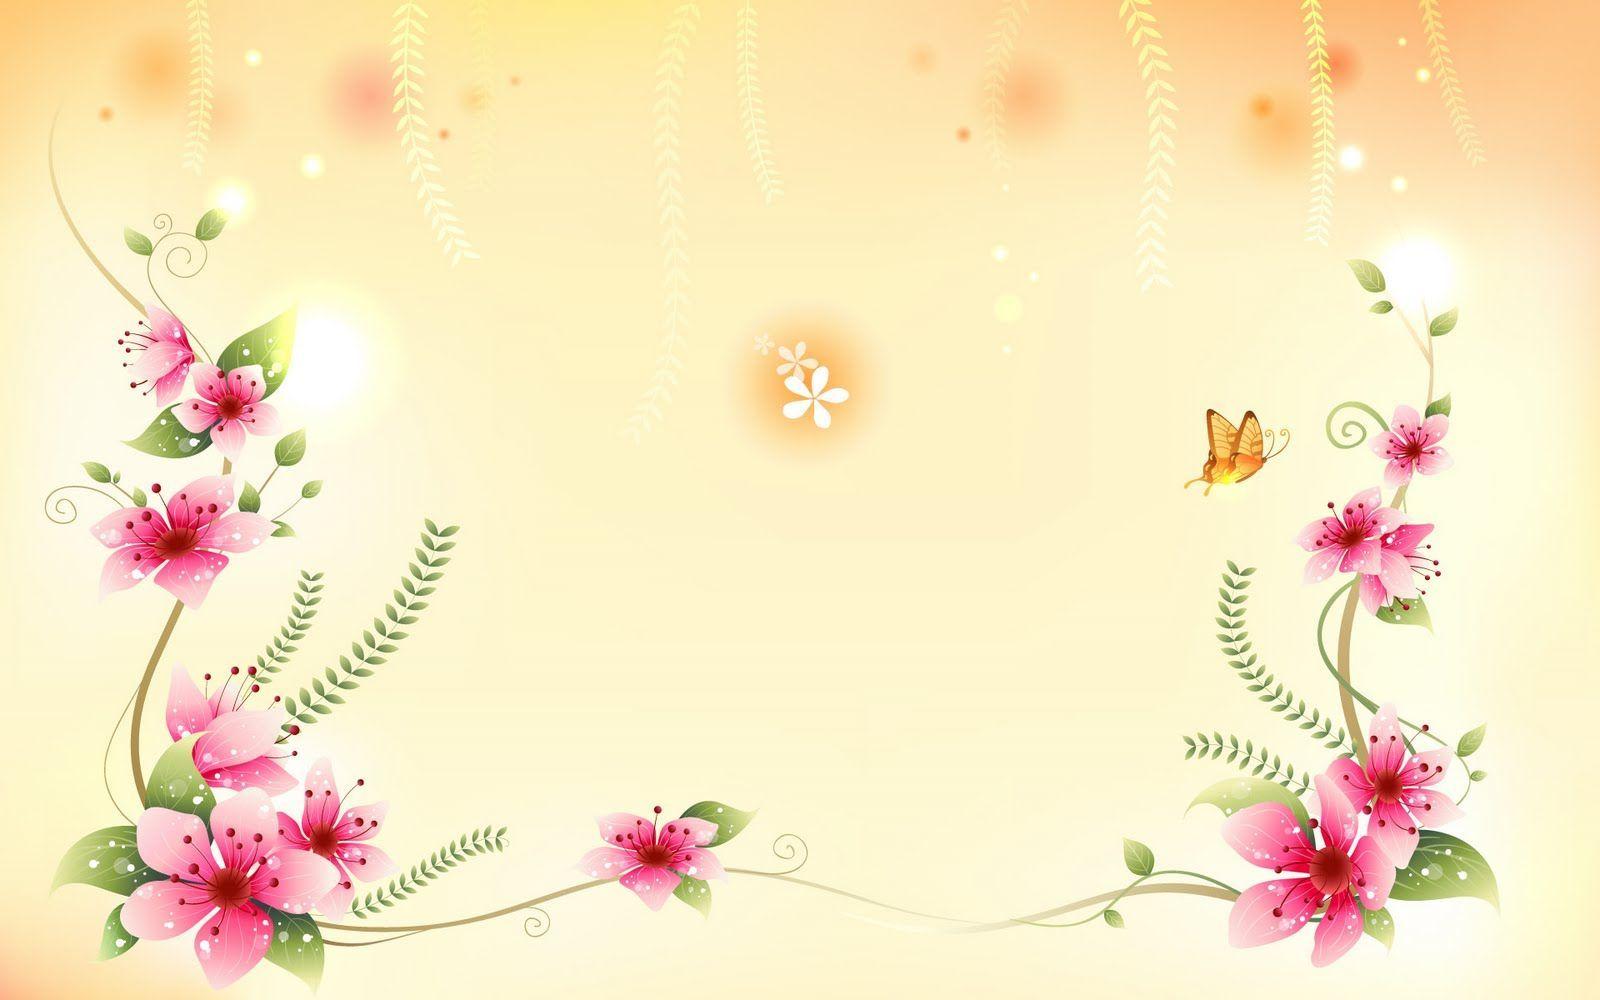 Ảnh background hoa lá mùa xuân